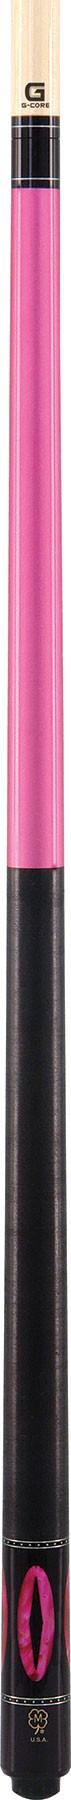 McDermott G215 G-Series Pink Pool Cue